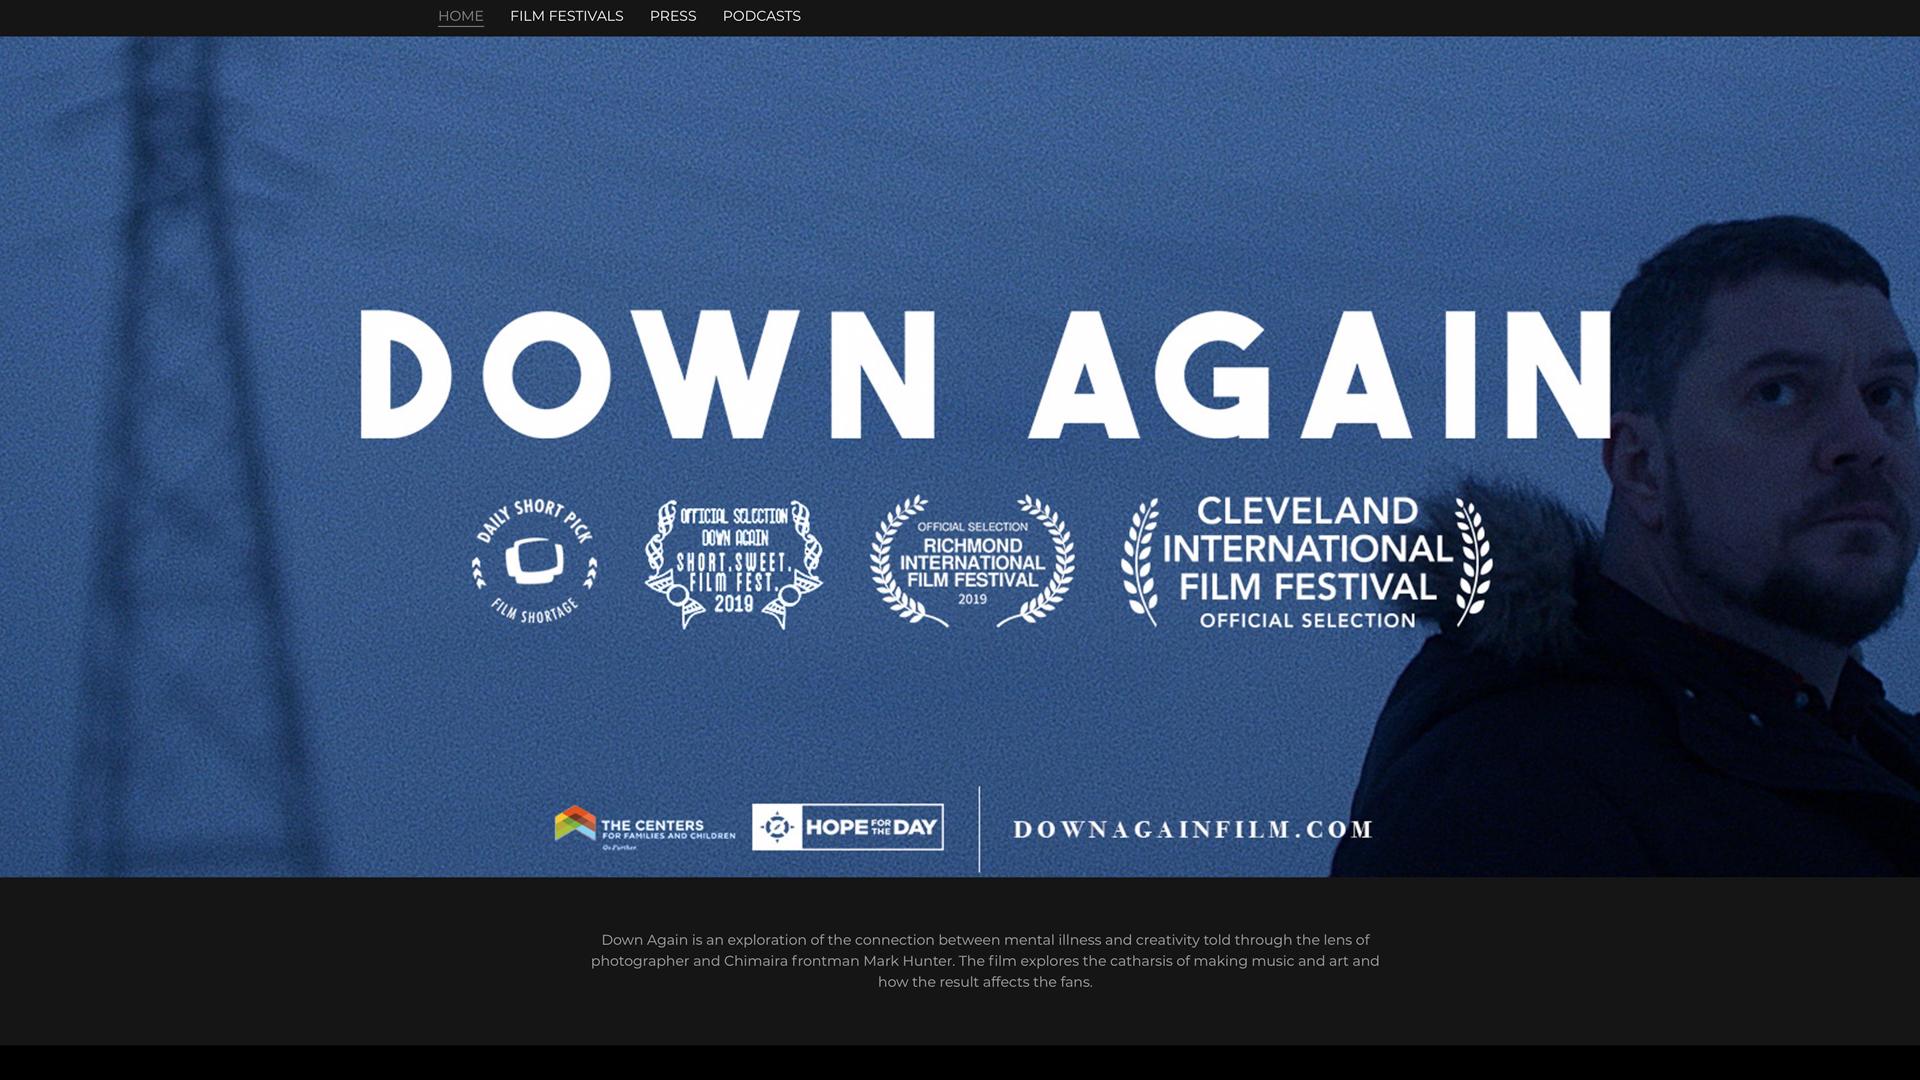 Down Again Film